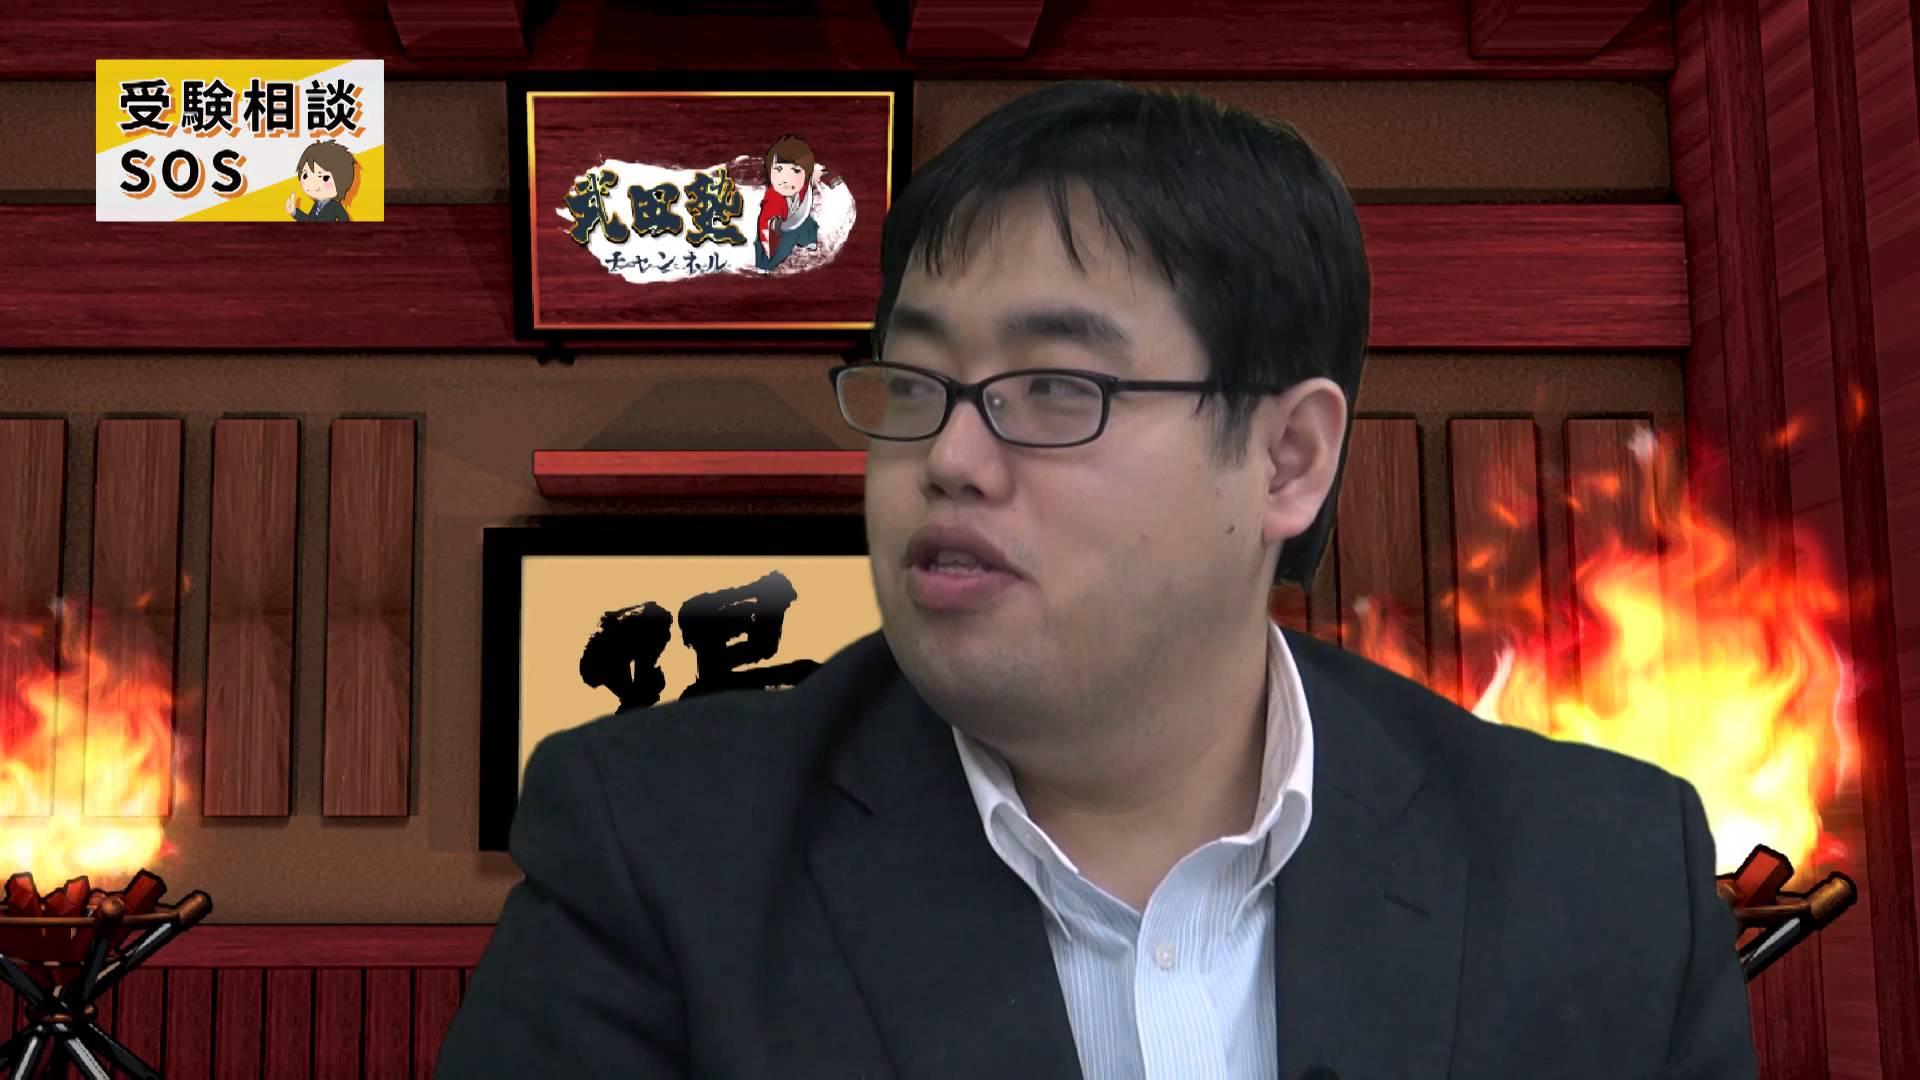 【vol.101】中森先生と山火先生に会える!? 受験相談SOS